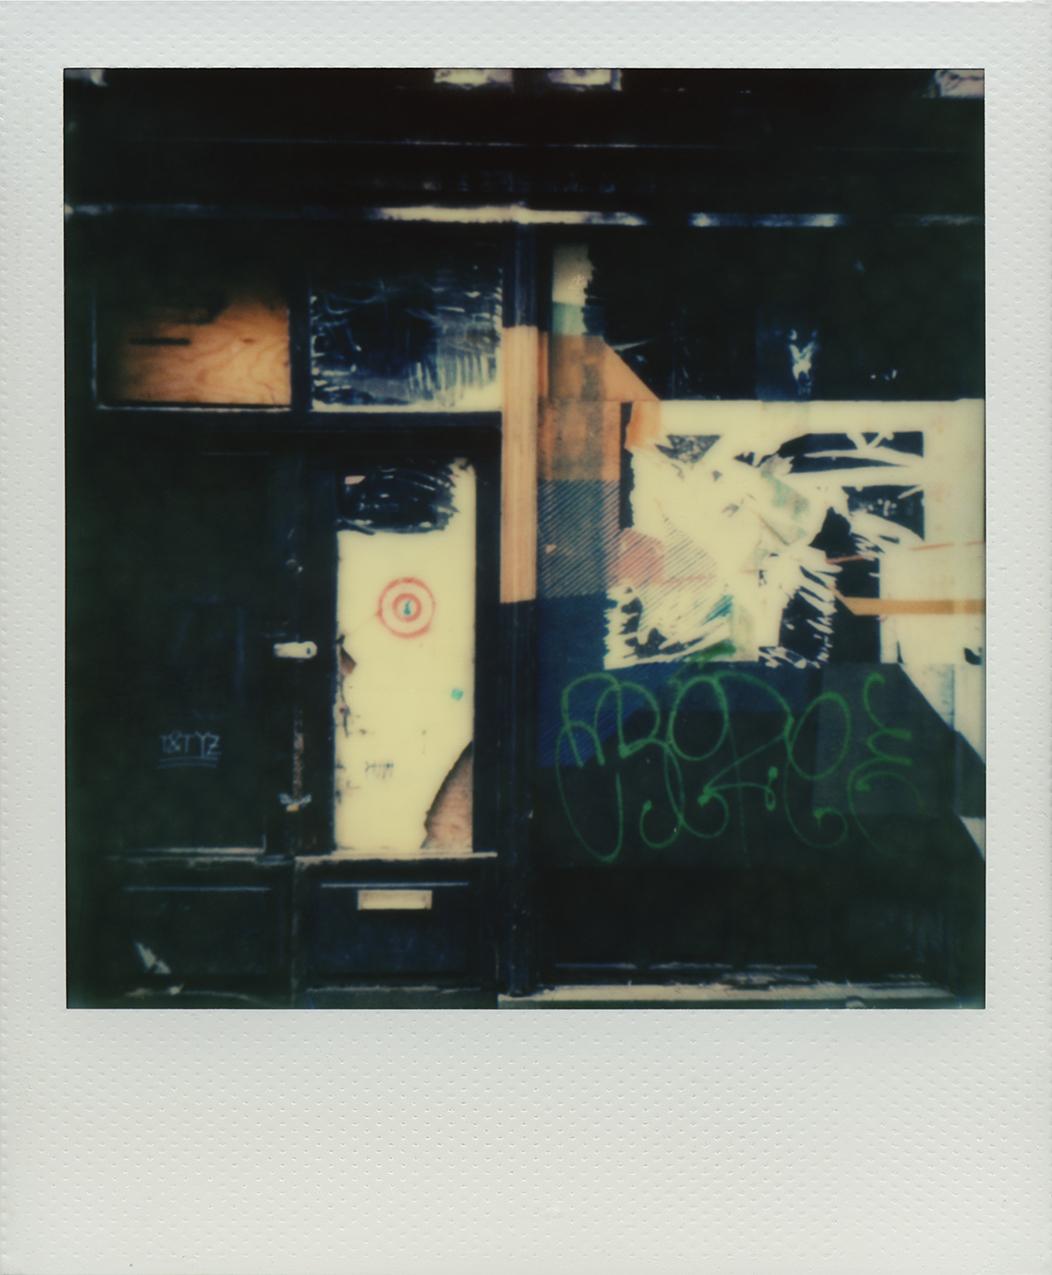 Pola vitrines 03